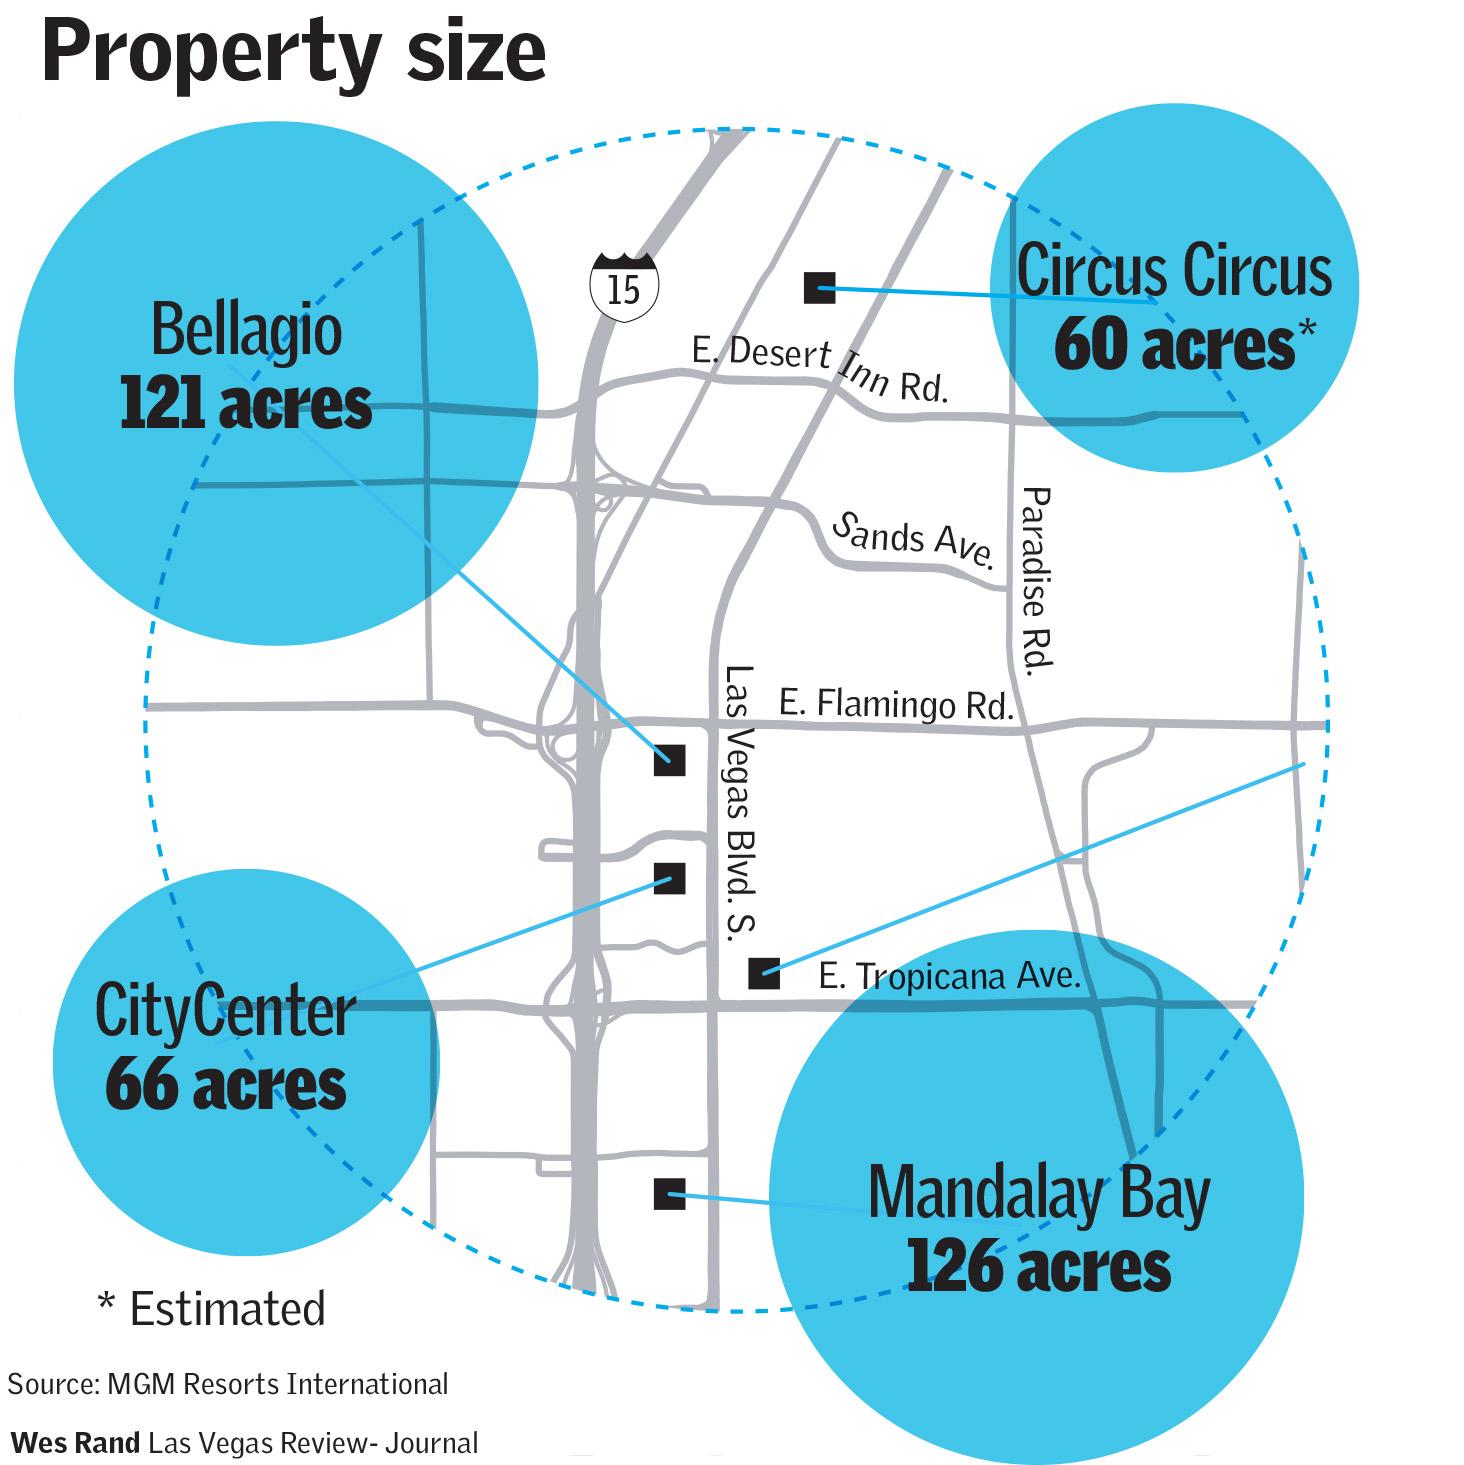 property sizes